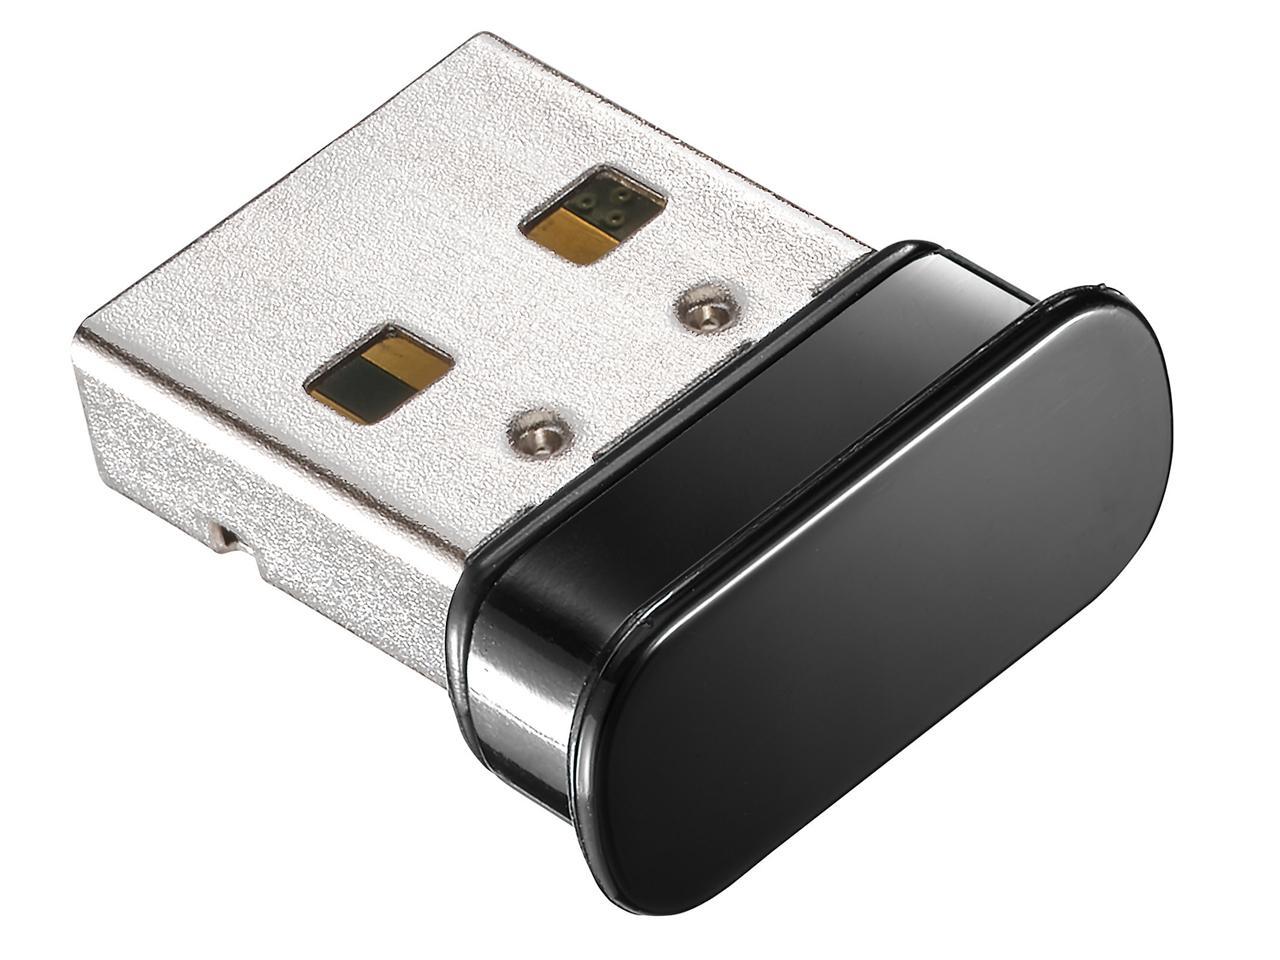 新作 人気 送料無料 アイ オー データ機器 IEEE802.11n g 規格値 超小型Wi-Fiアダプター WN-S150UM b準拠 150Mbps ラッピング無料